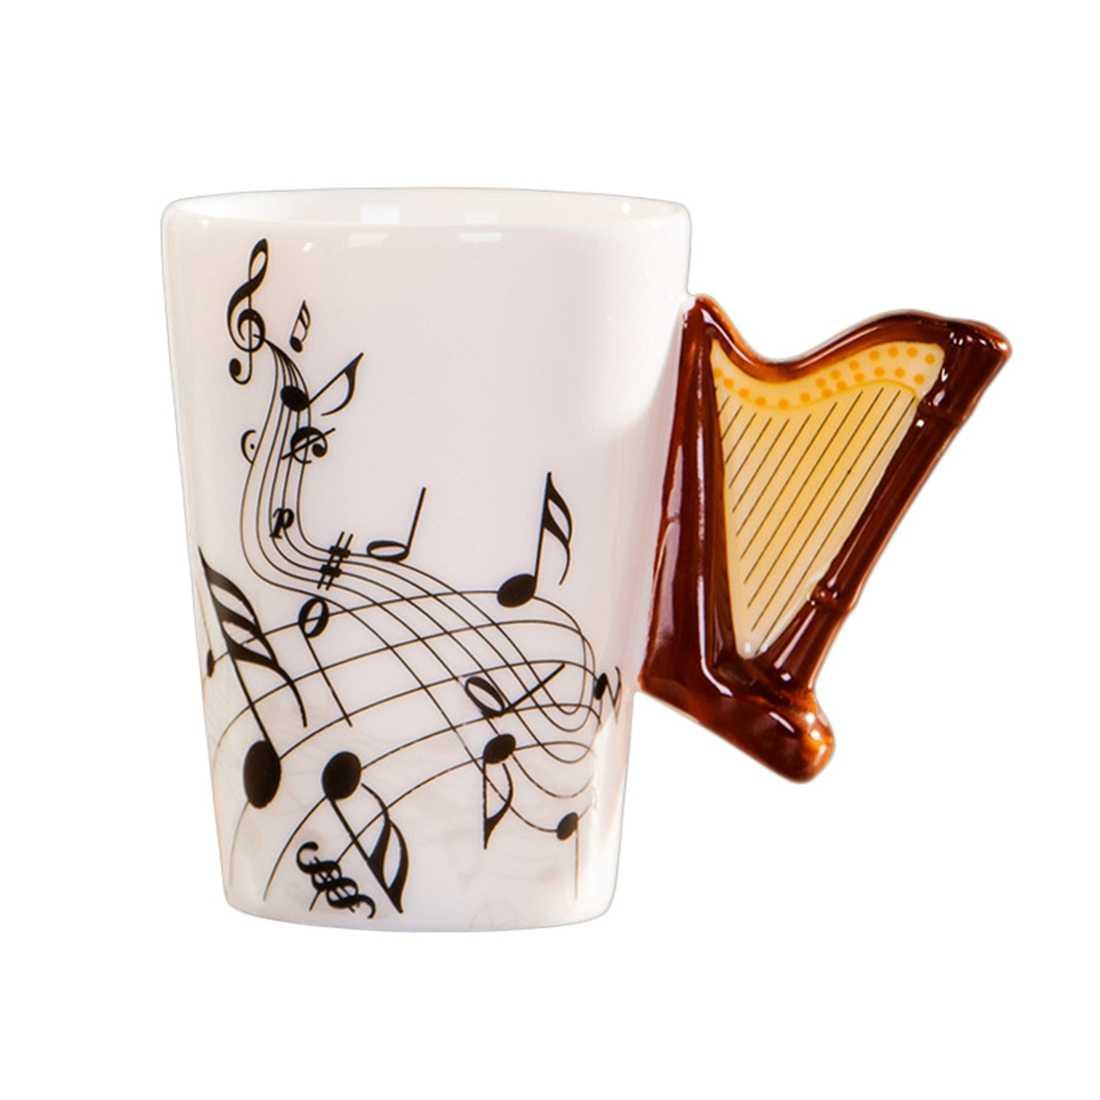 Креативная Новинка арфа ручка керамическая чашка свободный спектр кофейная чашка для молока и чая индивидуальная кружка уникальный музыкальный инструмент Подарочная кружка